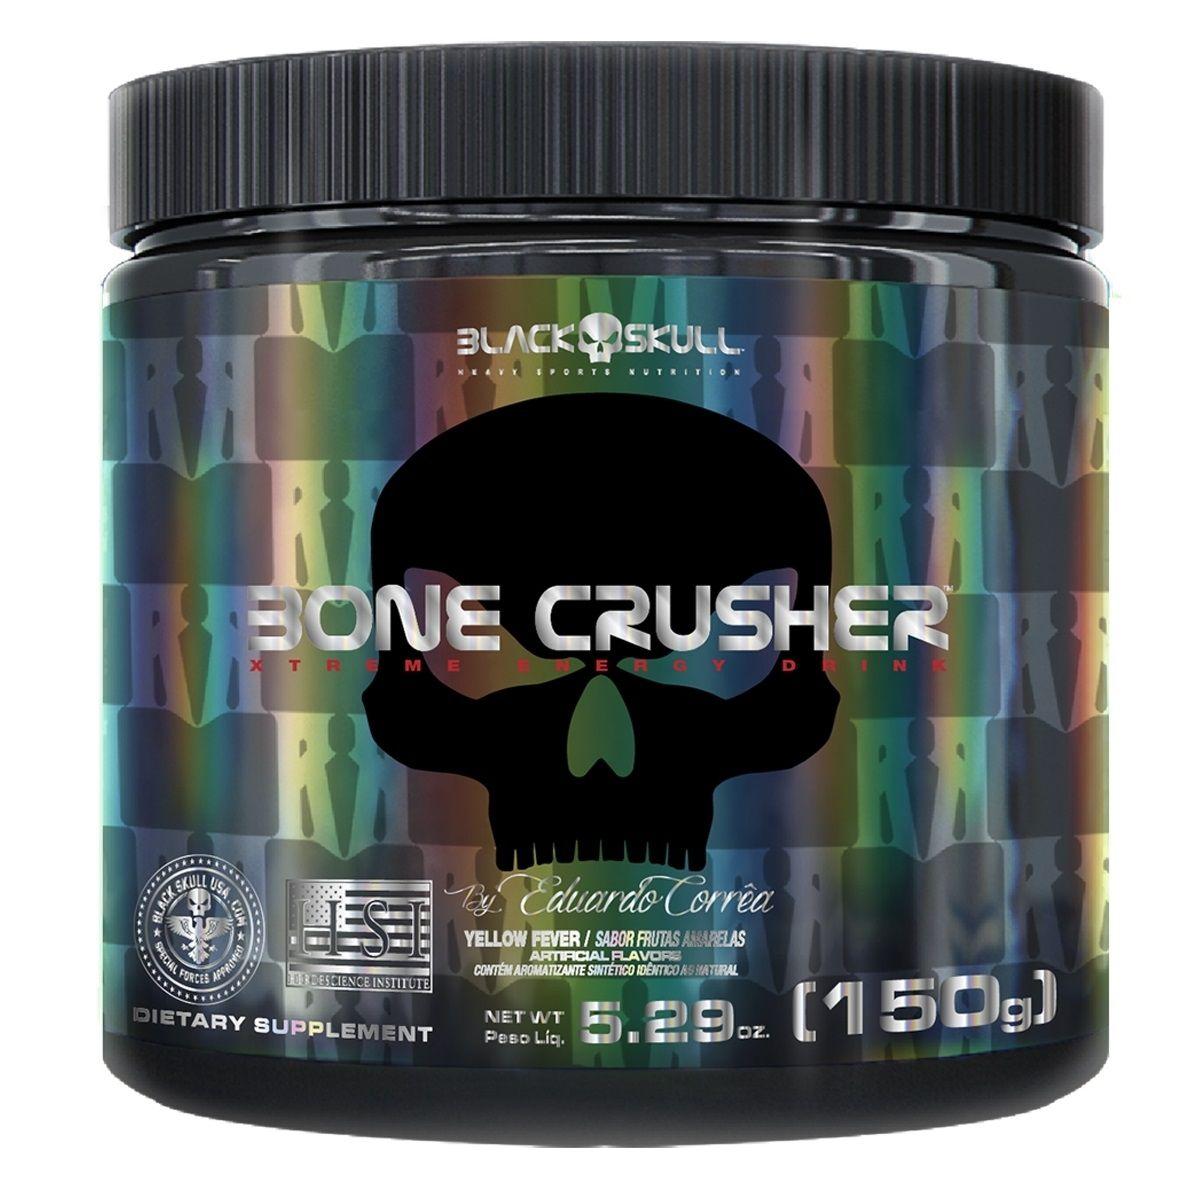 BONE CRUSHER BLUEBERRY 150g – Black Skull